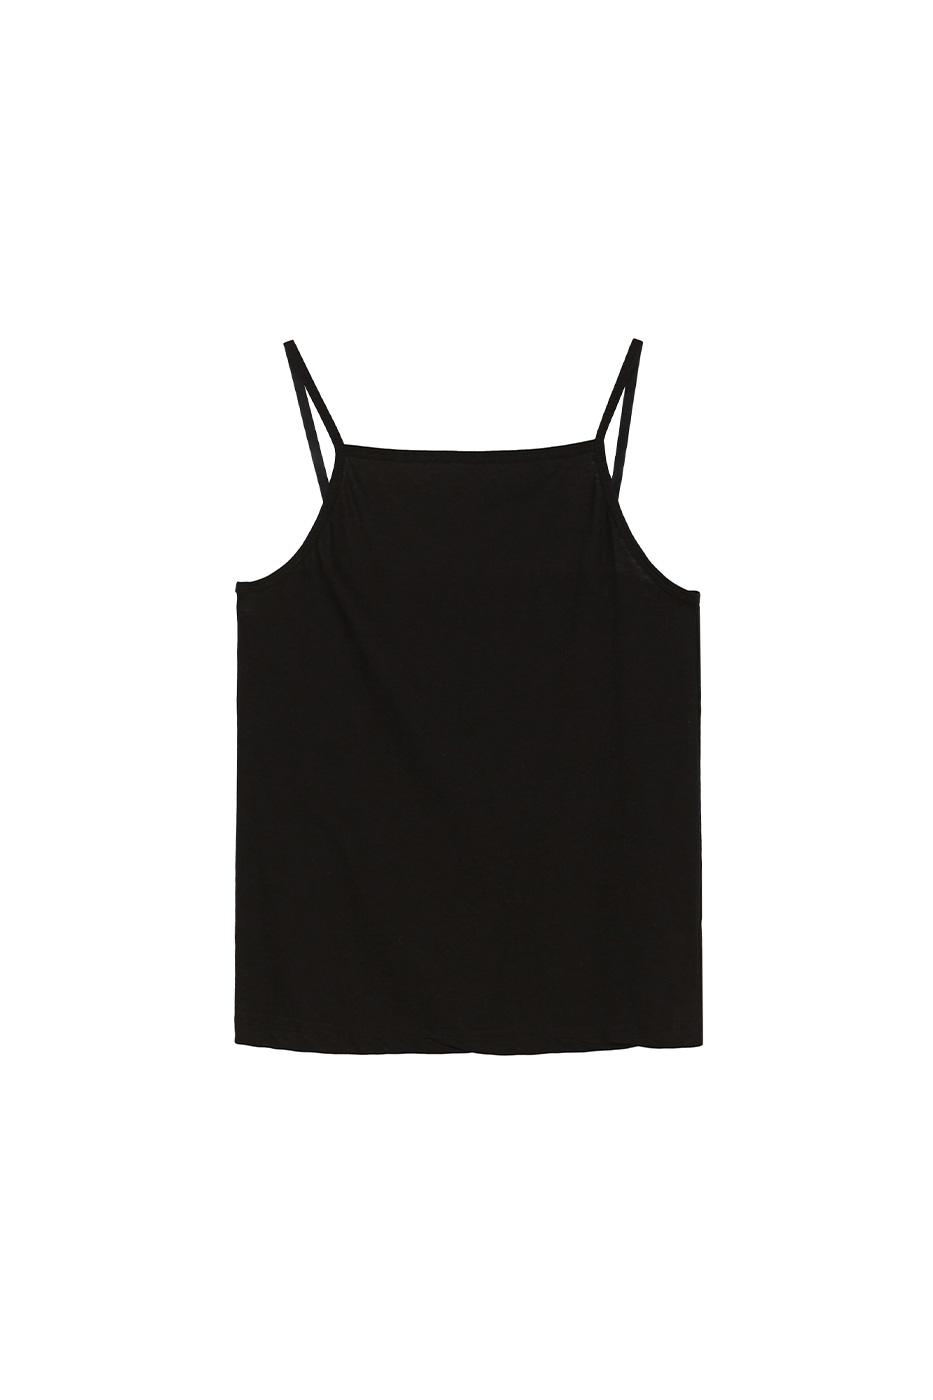 Noah cotton camisole